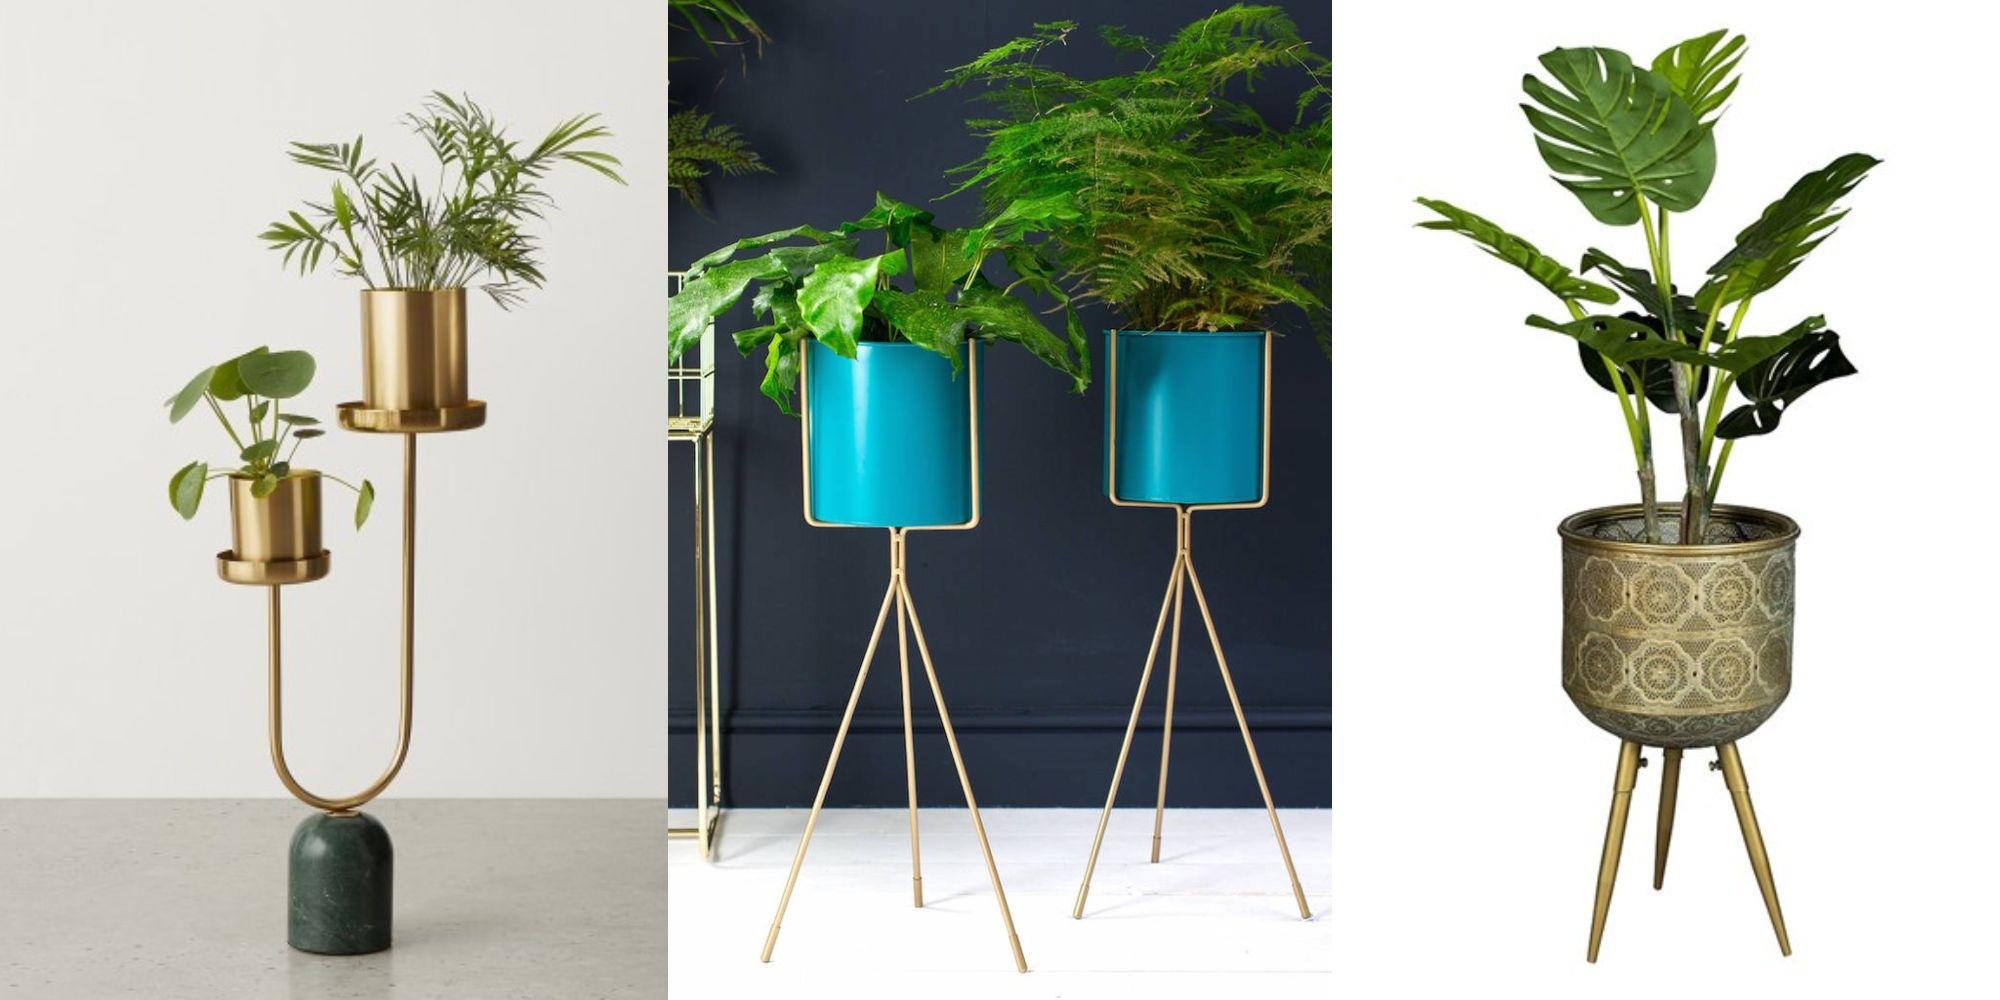 Square Flowerpot Set Of 2 Plant Pot Garden Patio Decoration Conservatory